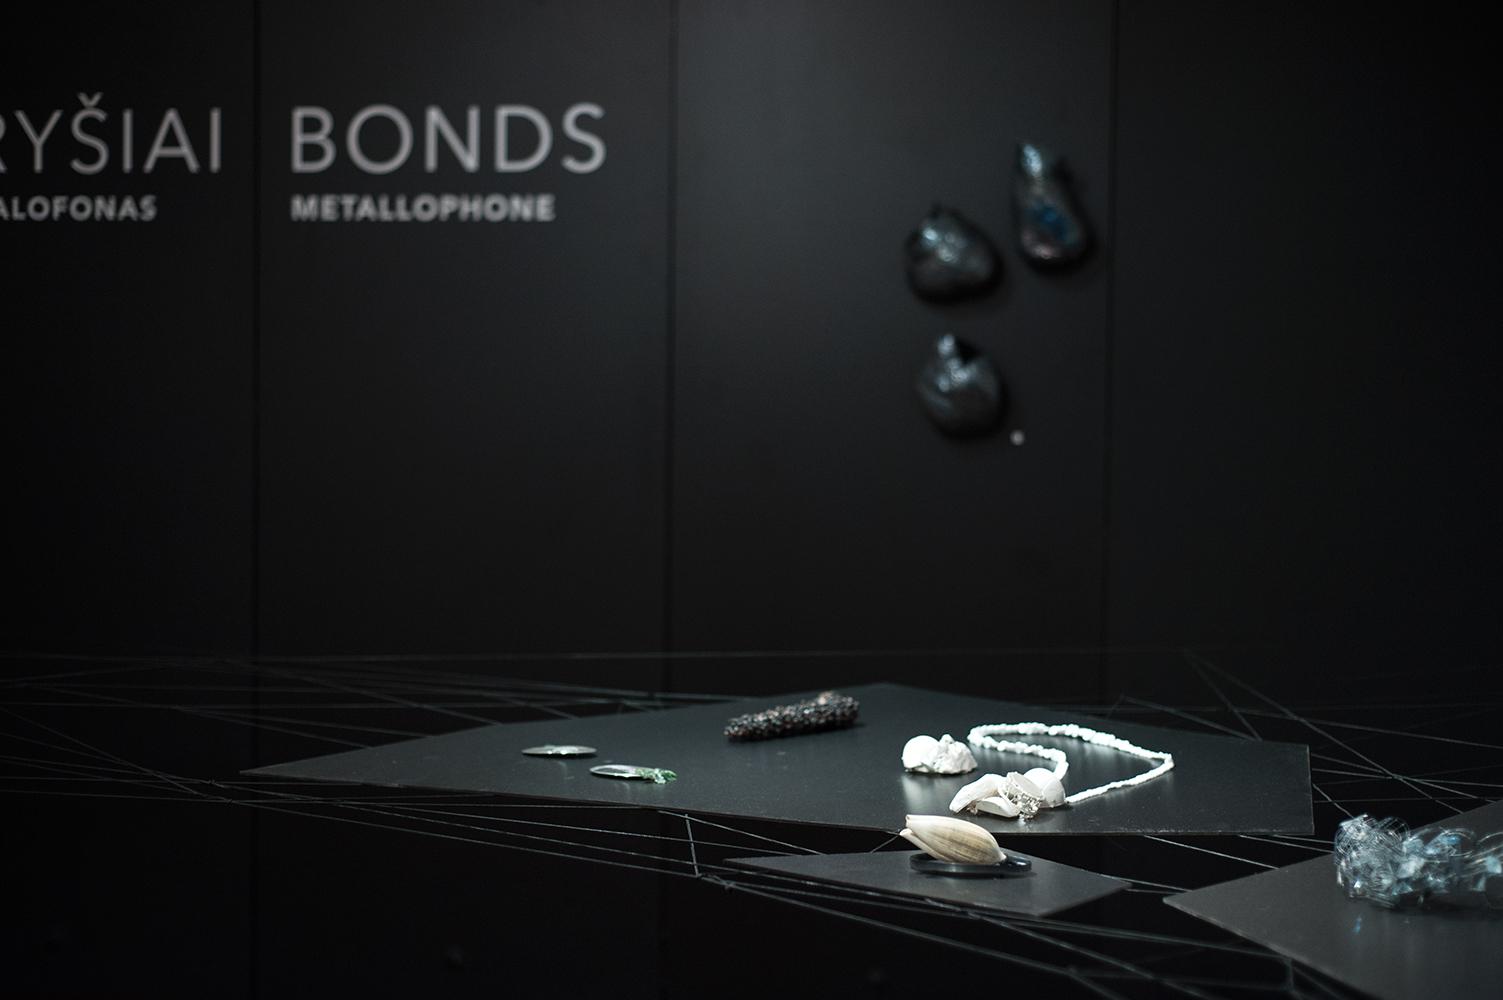 METALLOphone: bonds, exposition